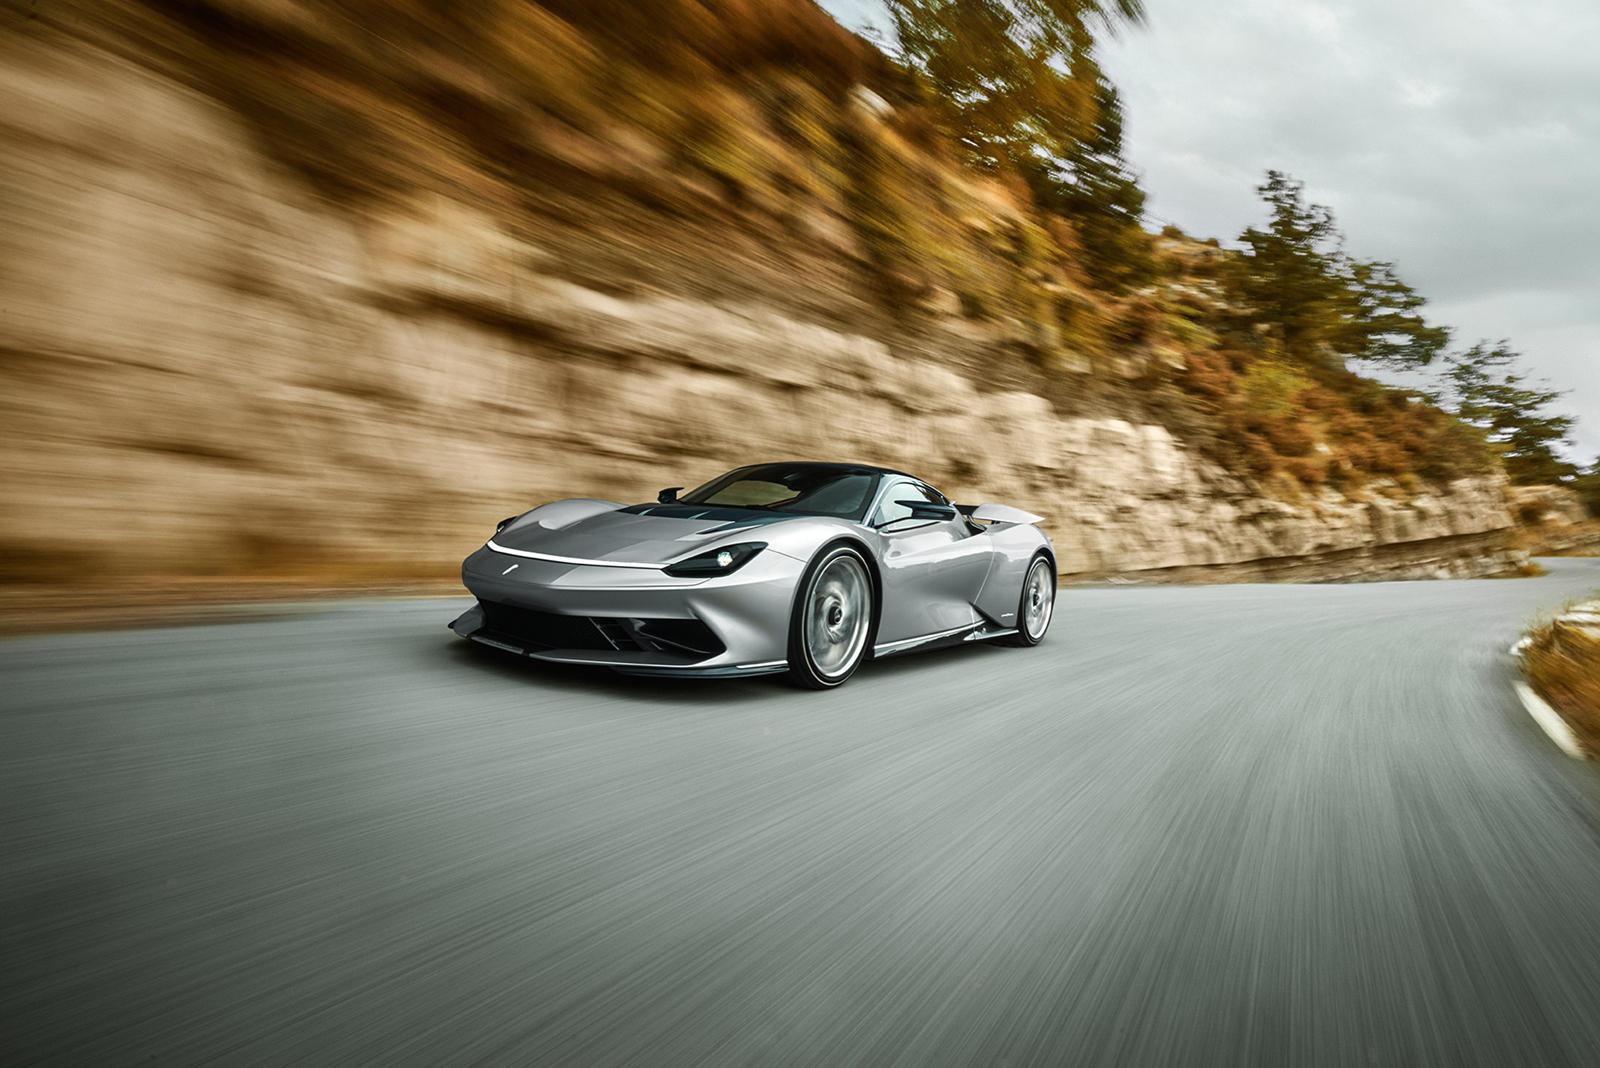 Pininfarina имеет легендарную длинную историю как дизайнерский дом и отвечает за внешний вид одних из самых важных автомобилей в истории. Компания была основана в 1930 году, и ее история производства автомобилей включает в себя работу со многими авто